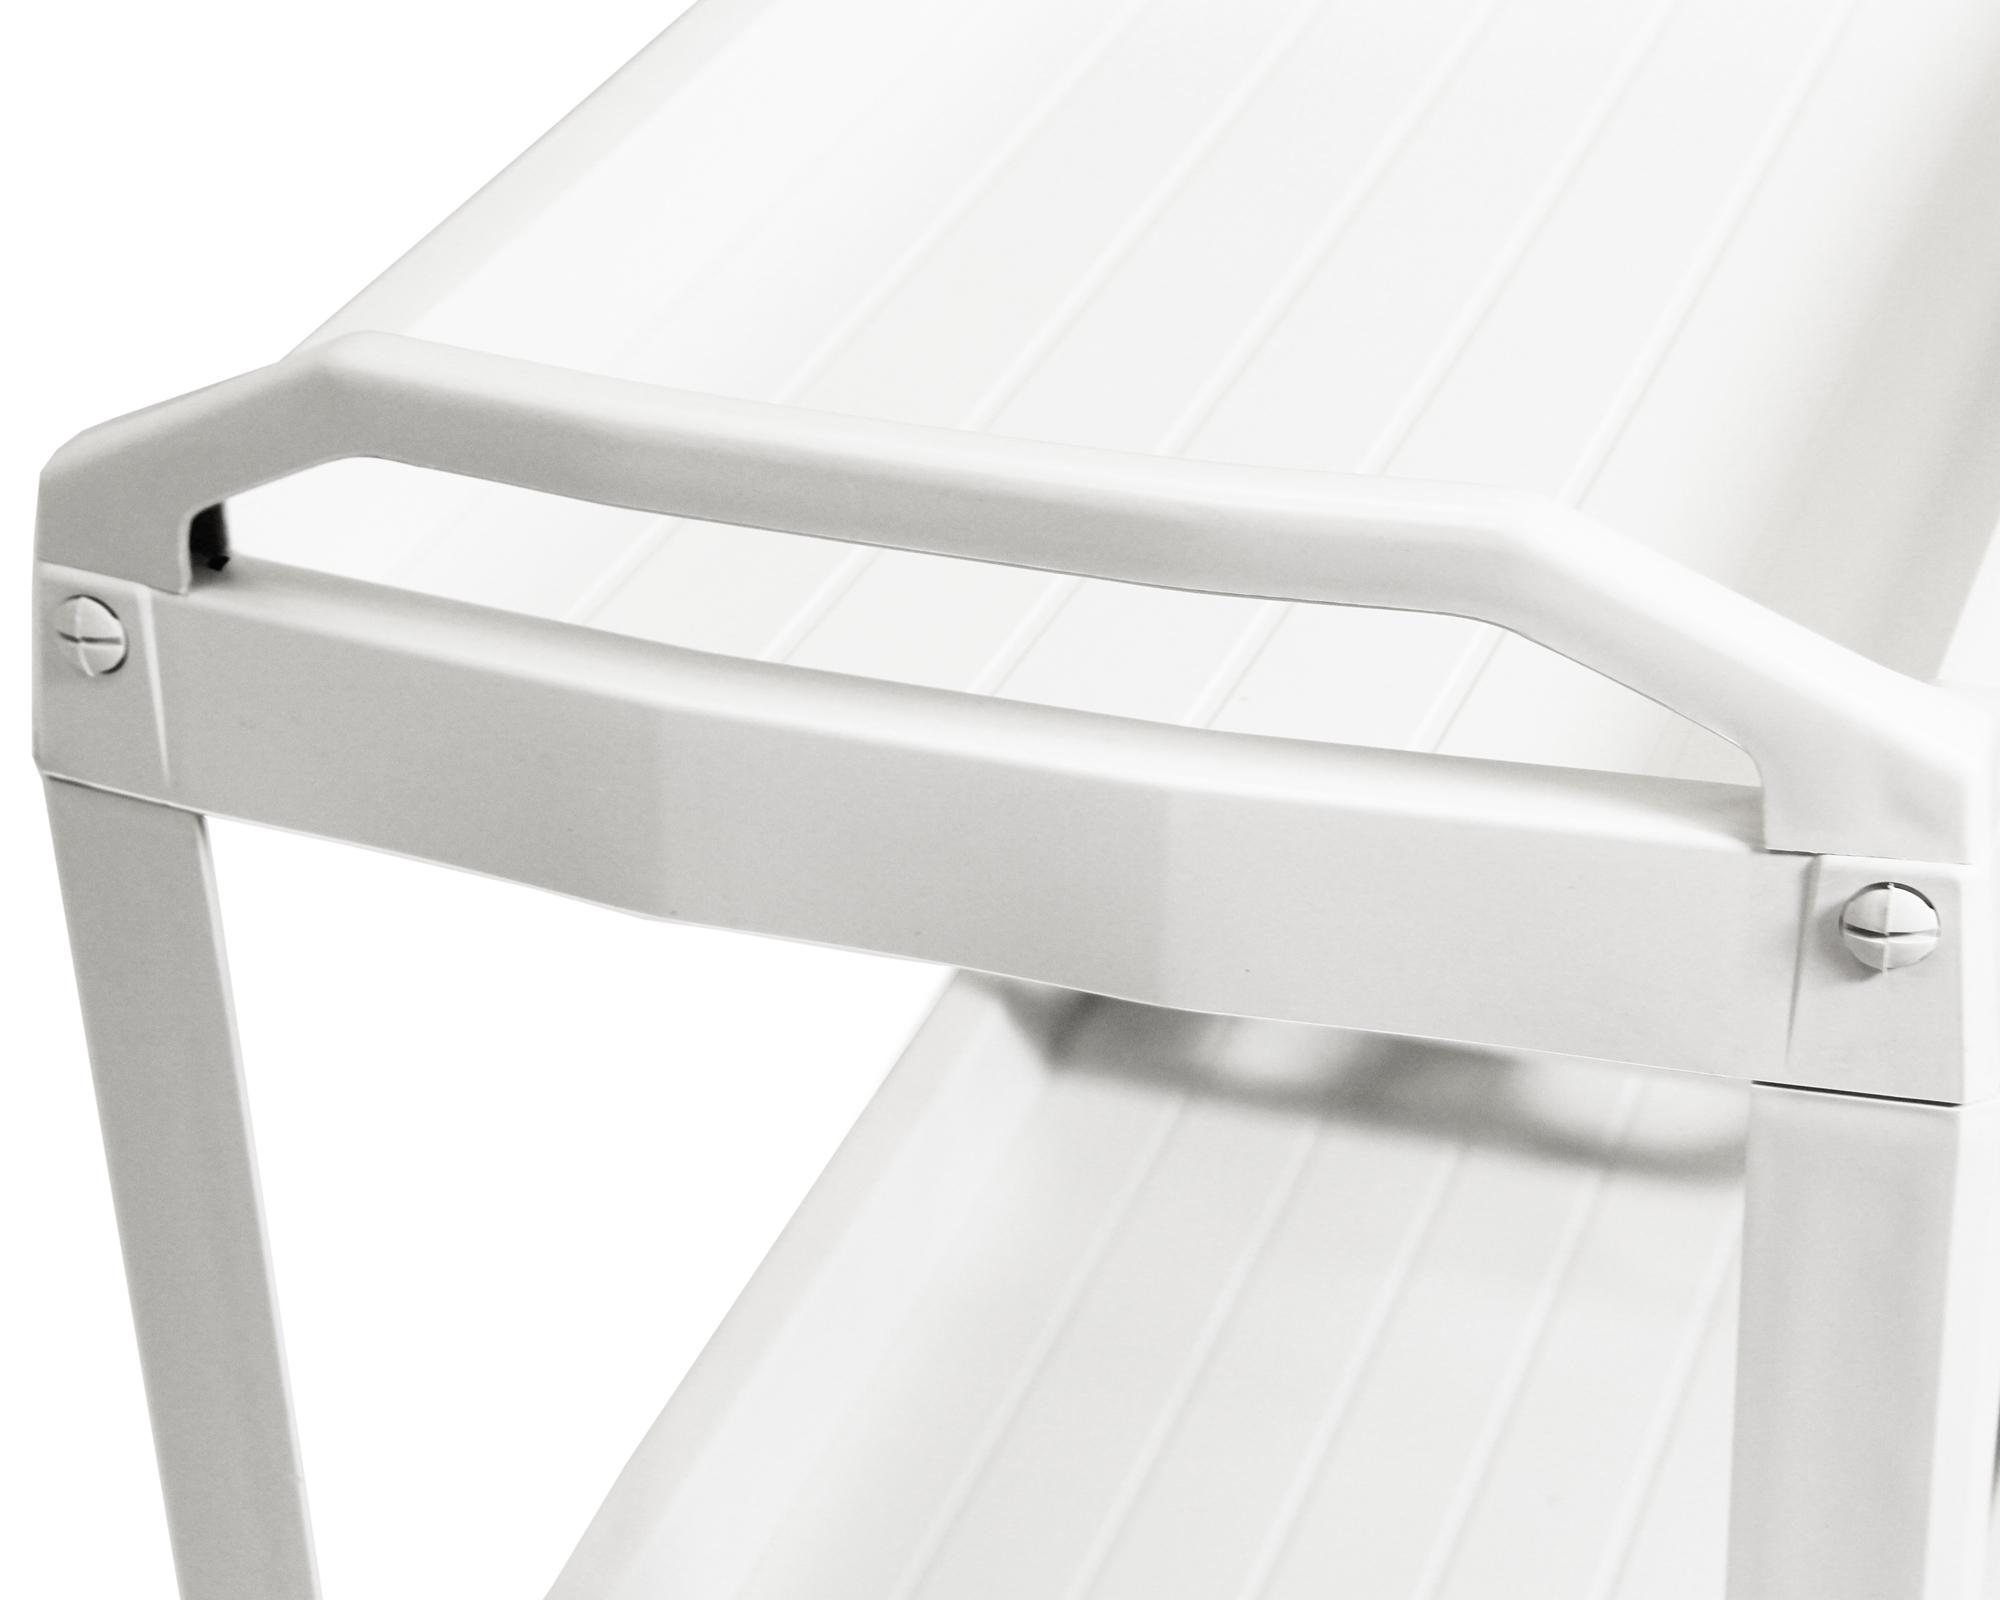 ondis24 beistellwagen servierwagen astro wei g nstig. Black Bedroom Furniture Sets. Home Design Ideas